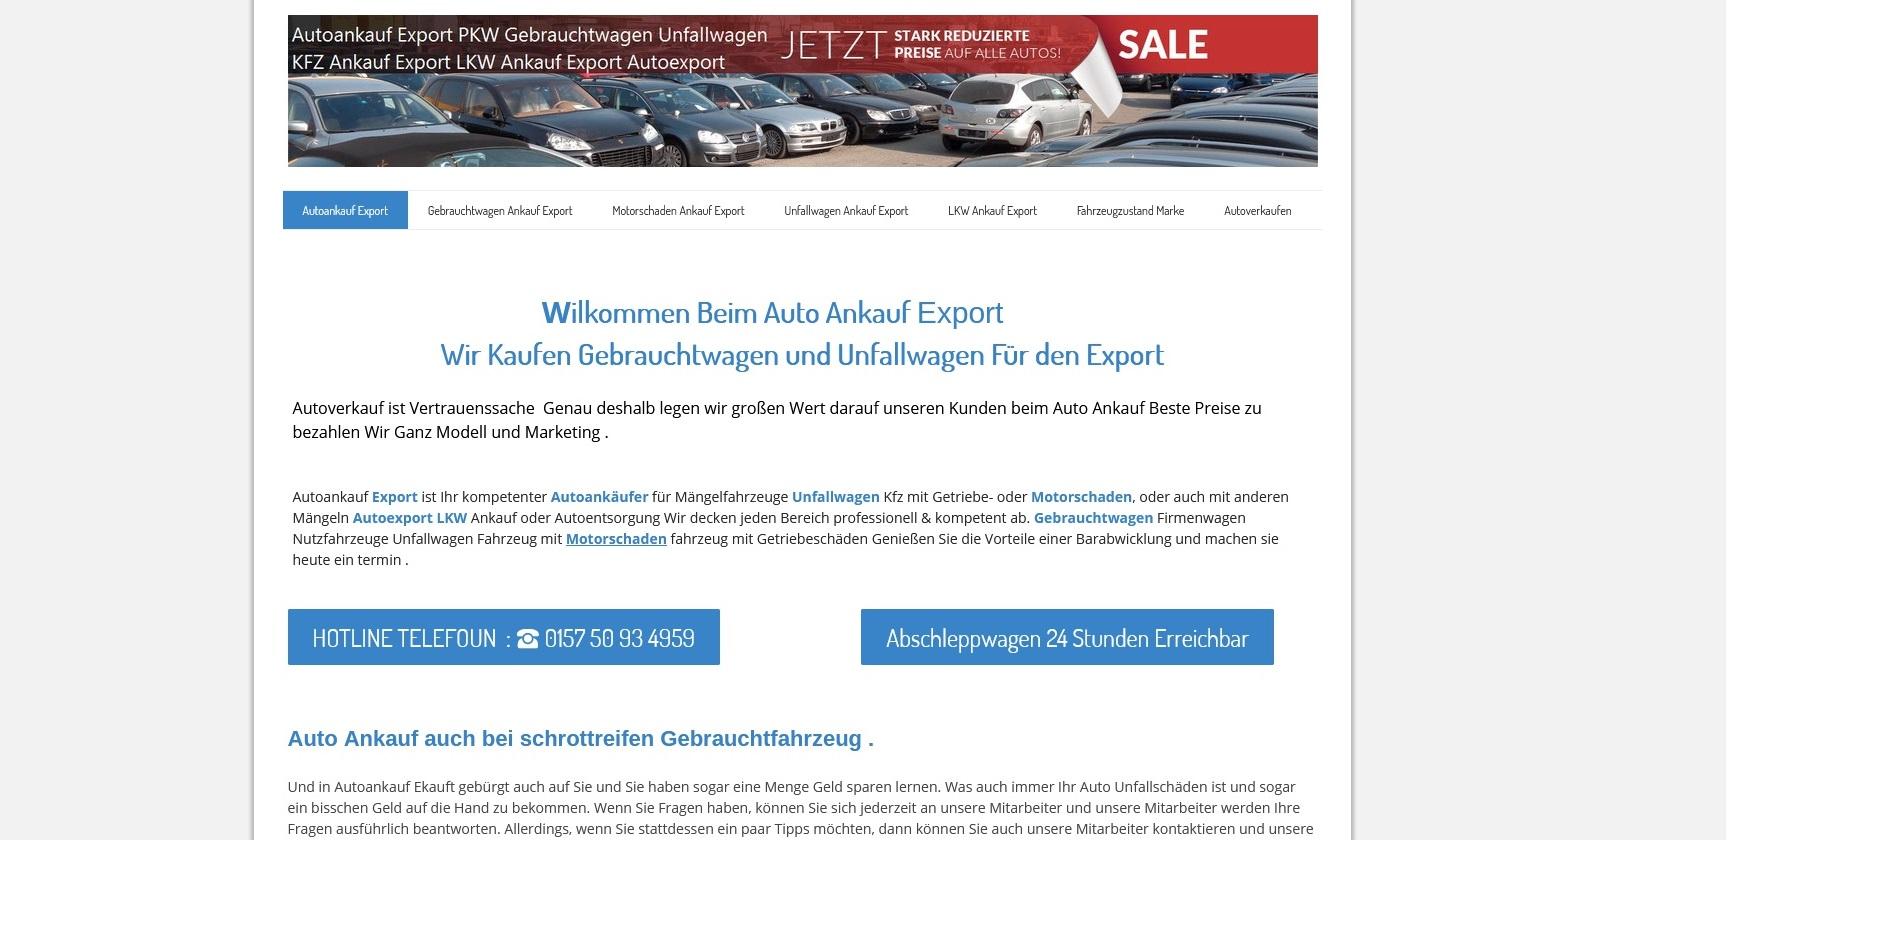 AutoAnkauf Bedburg: Wir Kaufen Gebrauchtwagen und Unfallwagen Für den Export